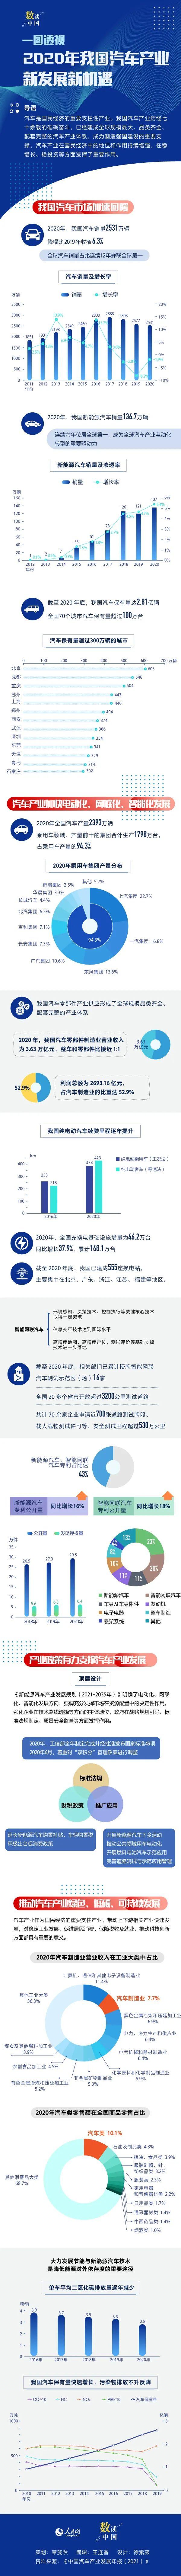 2021年中国汽车产业发展年报数据公布